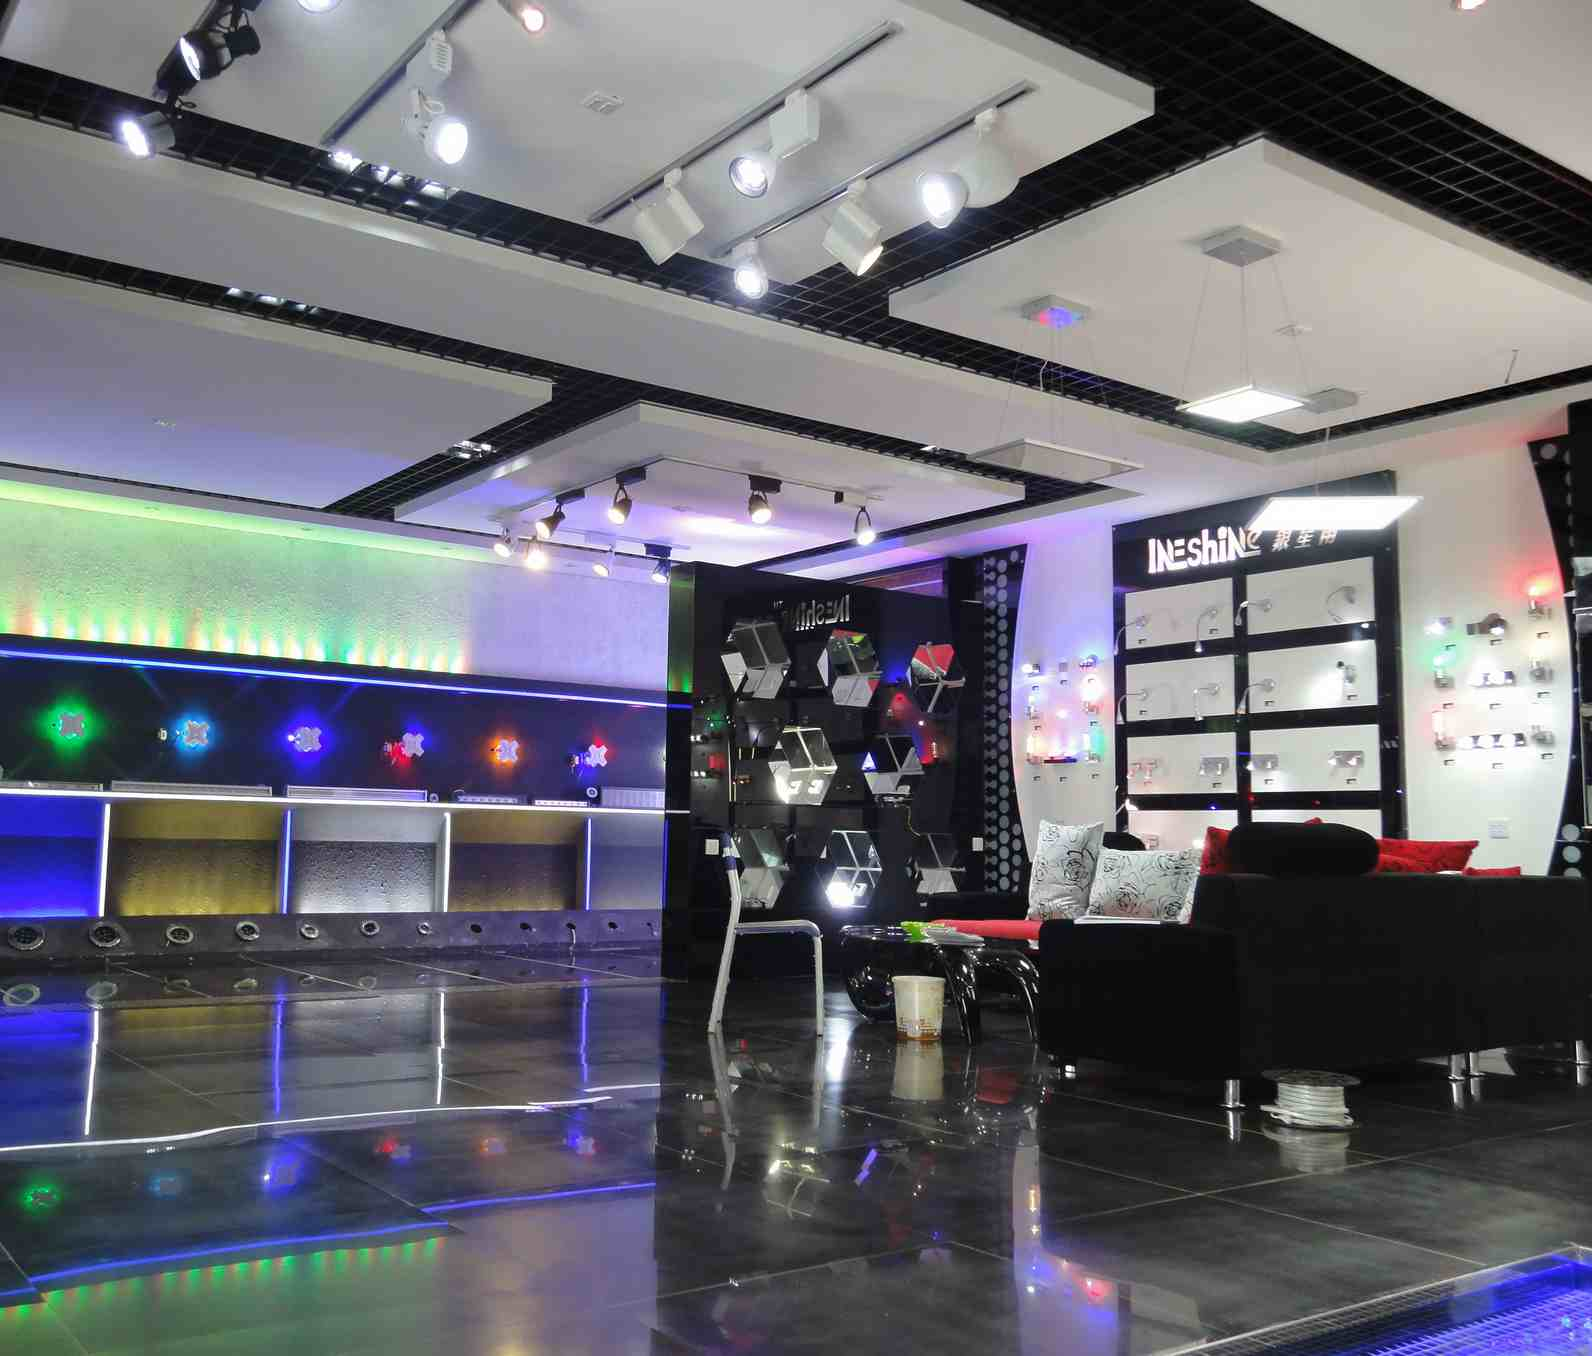 lighting display showroom images. Black Bedroom Furniture Sets. Home Design Ideas